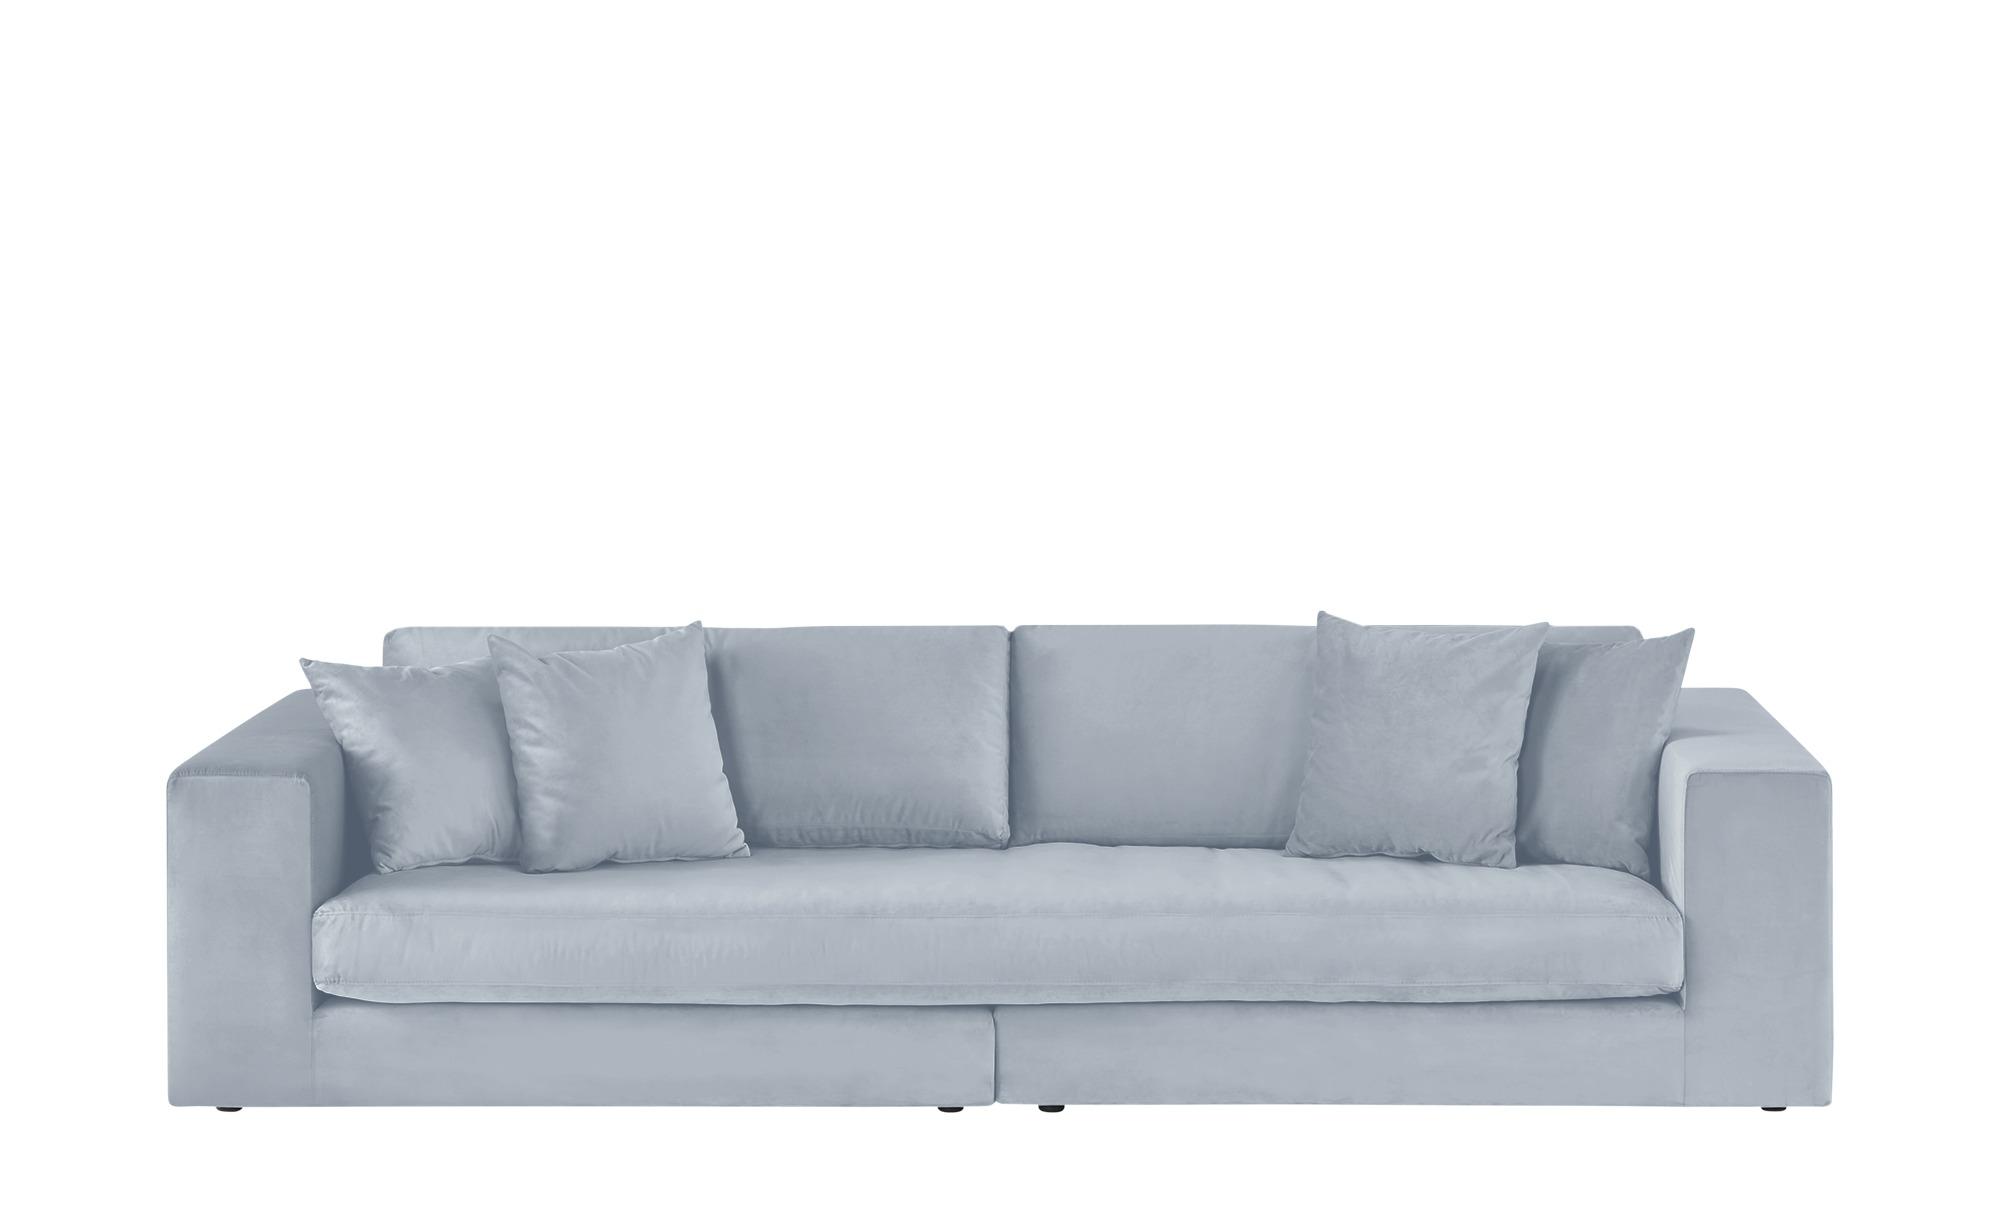 Gray & Jones Sofa 4-sitzig  Cap Ferrat Lasy ¦ blau ¦ Maße (cm): B: 288 H: 70 T: 120 Polstermöbel > Sofas > Einzelsofas - Höffner